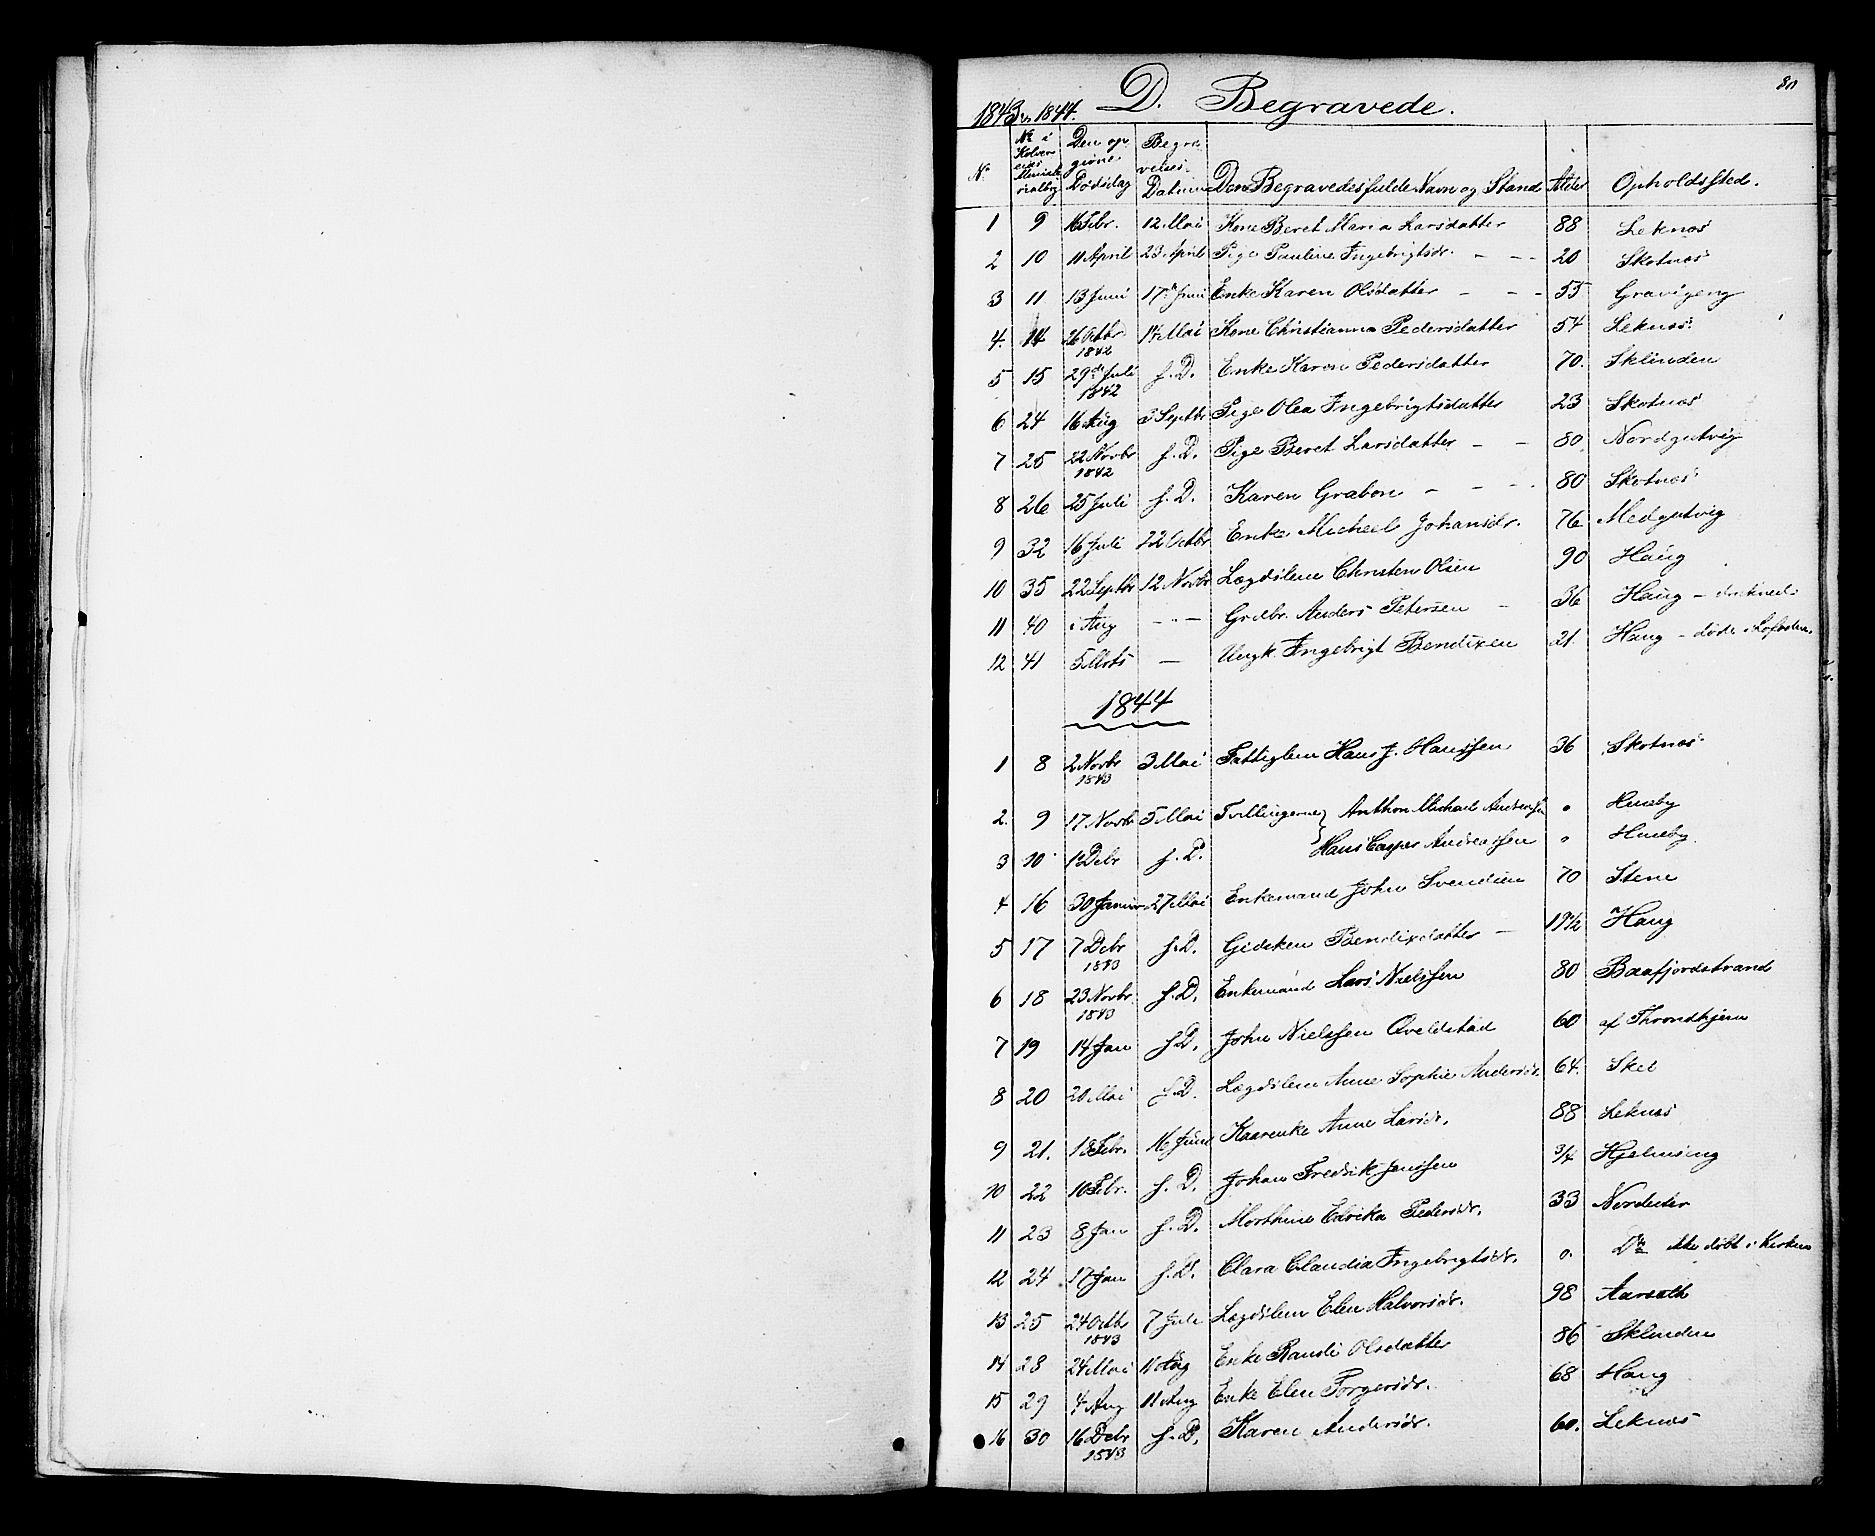 SAT, Ministerialprotokoller, klokkerbøker og fødselsregistre - Nord-Trøndelag, 788/L0695: Ministerialbok nr. 788A02, 1843-1862, s. 80